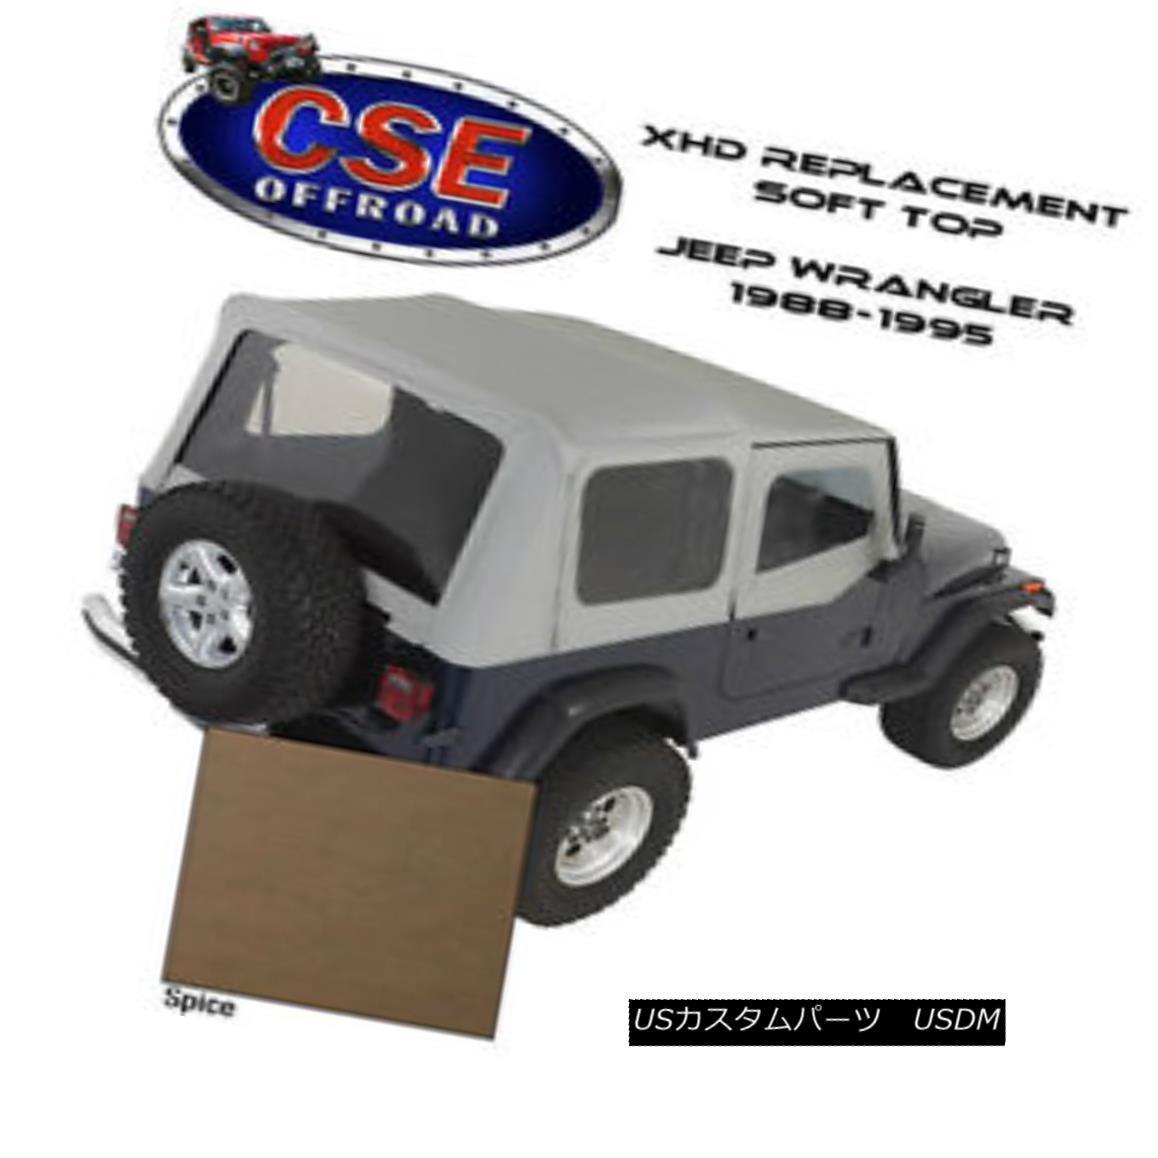 お手頃価格 幌 With・ソフトトップ XHD Spice Replacement Soft Top With Door Soft Door Skins Jeep Wrangler YJ 88-1995 13721.37 XHDスパイス交換ソフトトップドアスキンジープラングラーYJ 88-1995 13721.37, Liberdade:0019d78b --- mail.galyaszferenc.eu